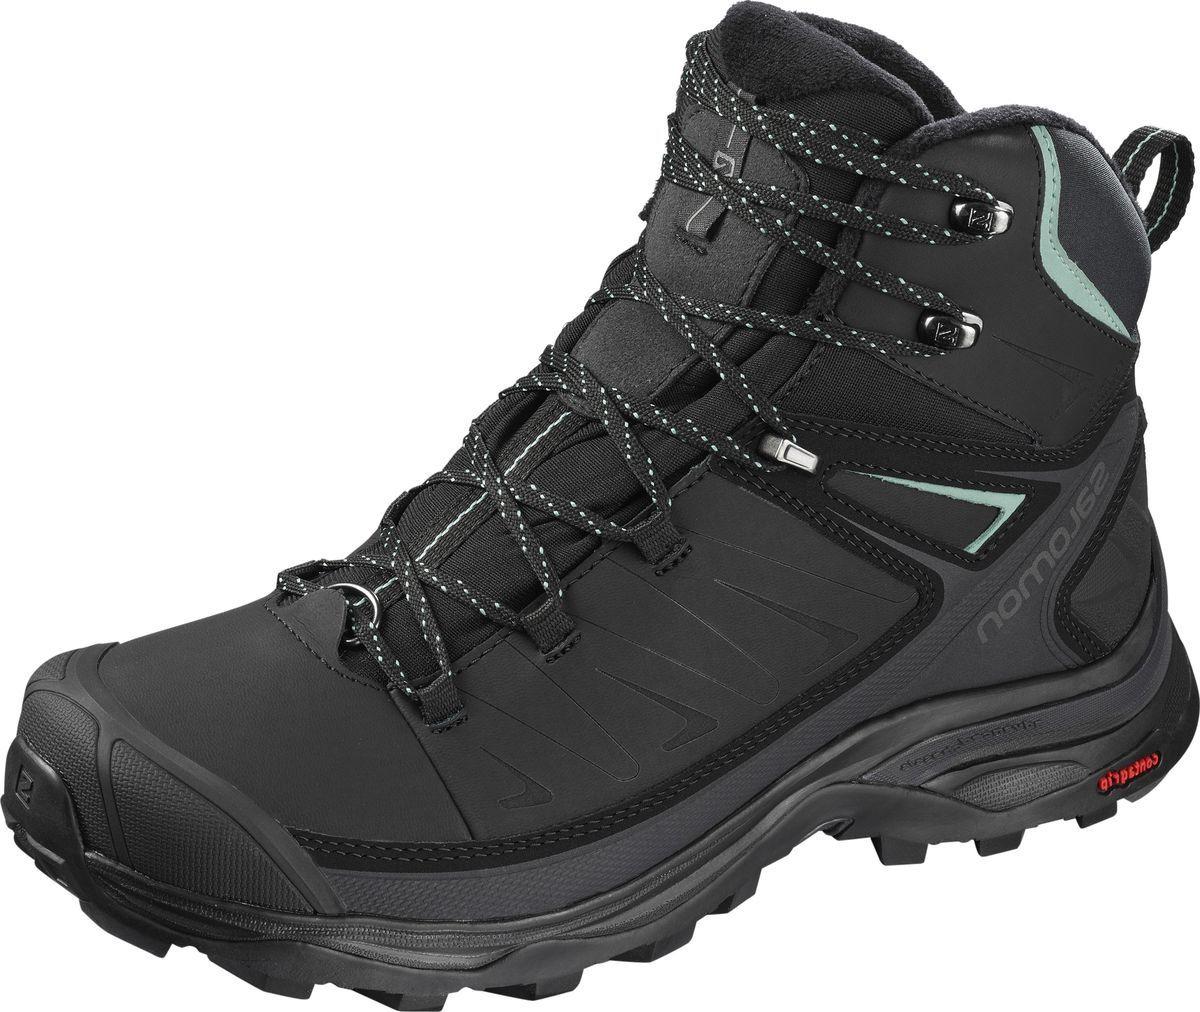 Ботинки Salomon ботинки для девочки salomon x ultra цвет розовый l39865100 размер 38 36 5